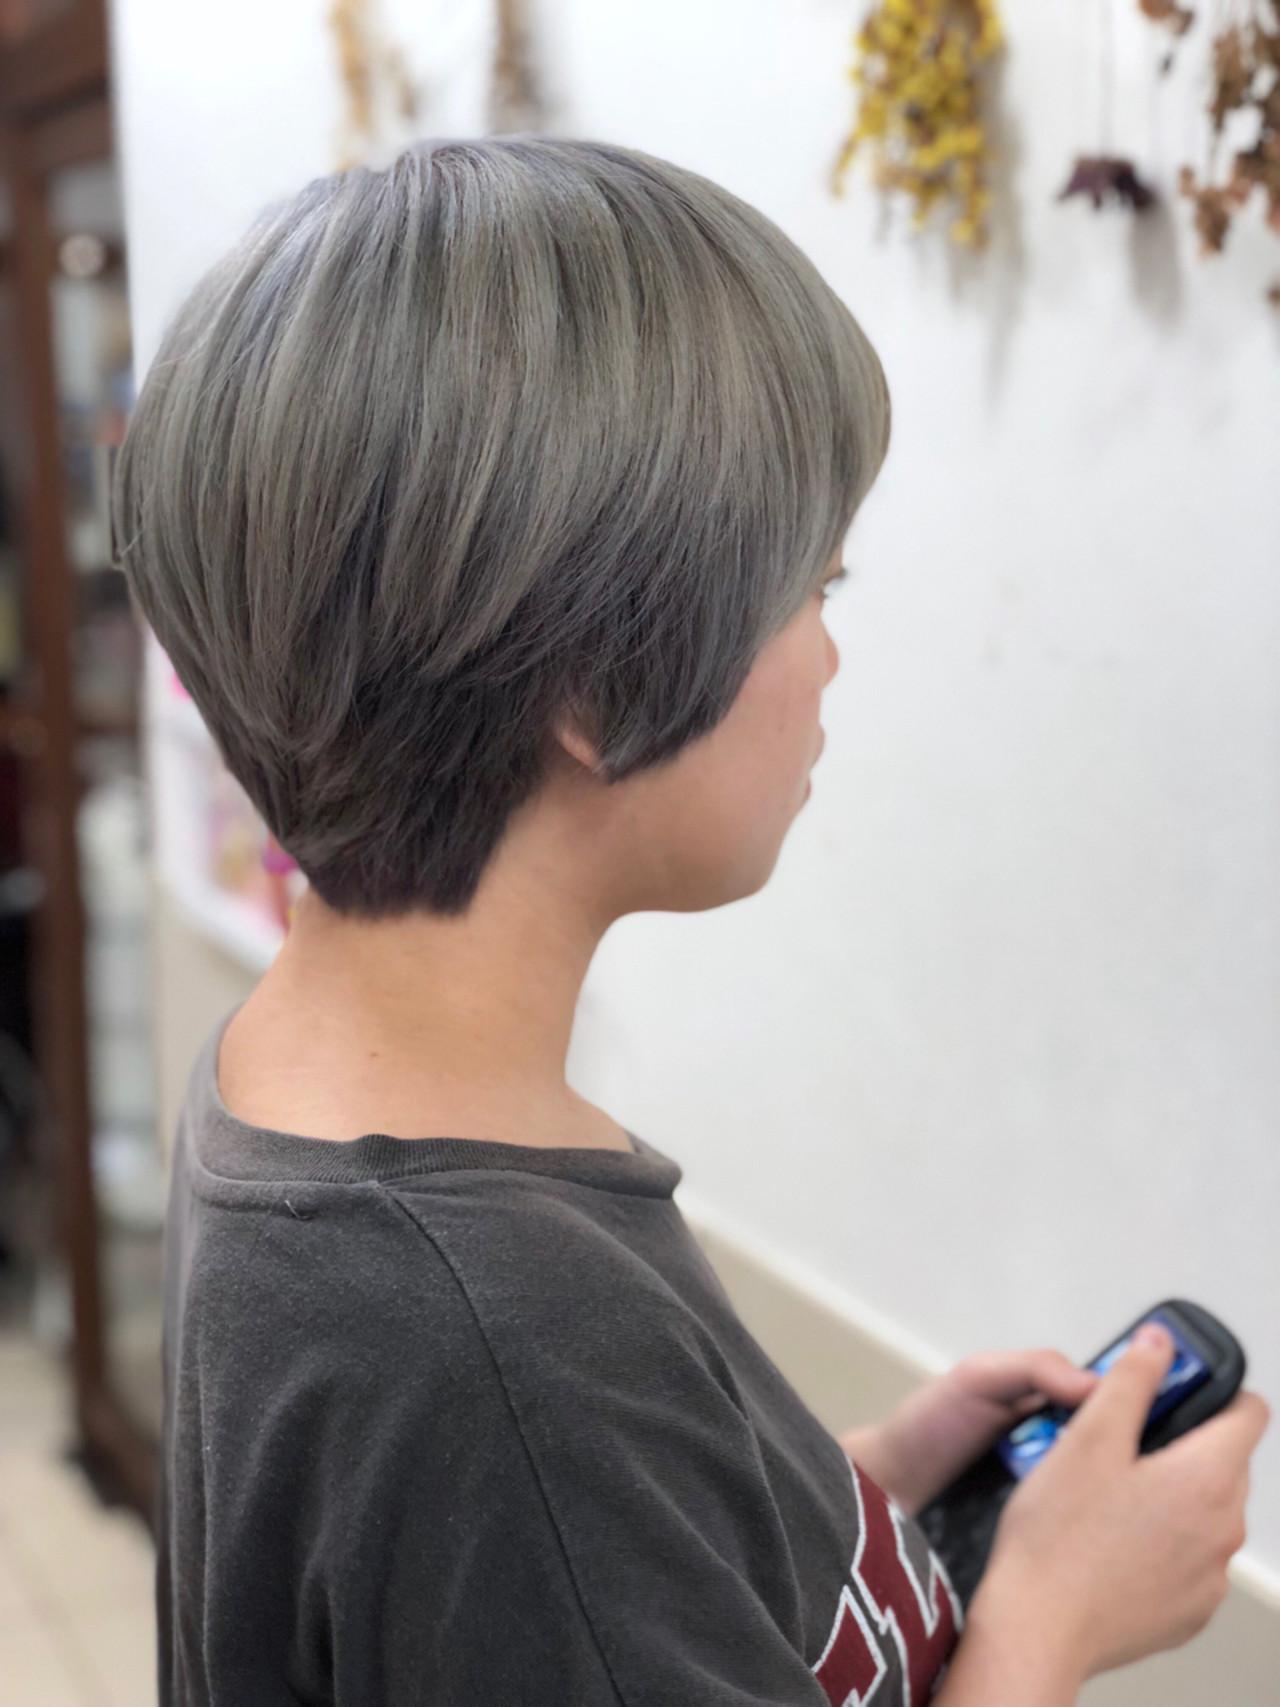 グレー 艶髪 ハイトーン ショート ヘアスタイルや髪型の写真・画像